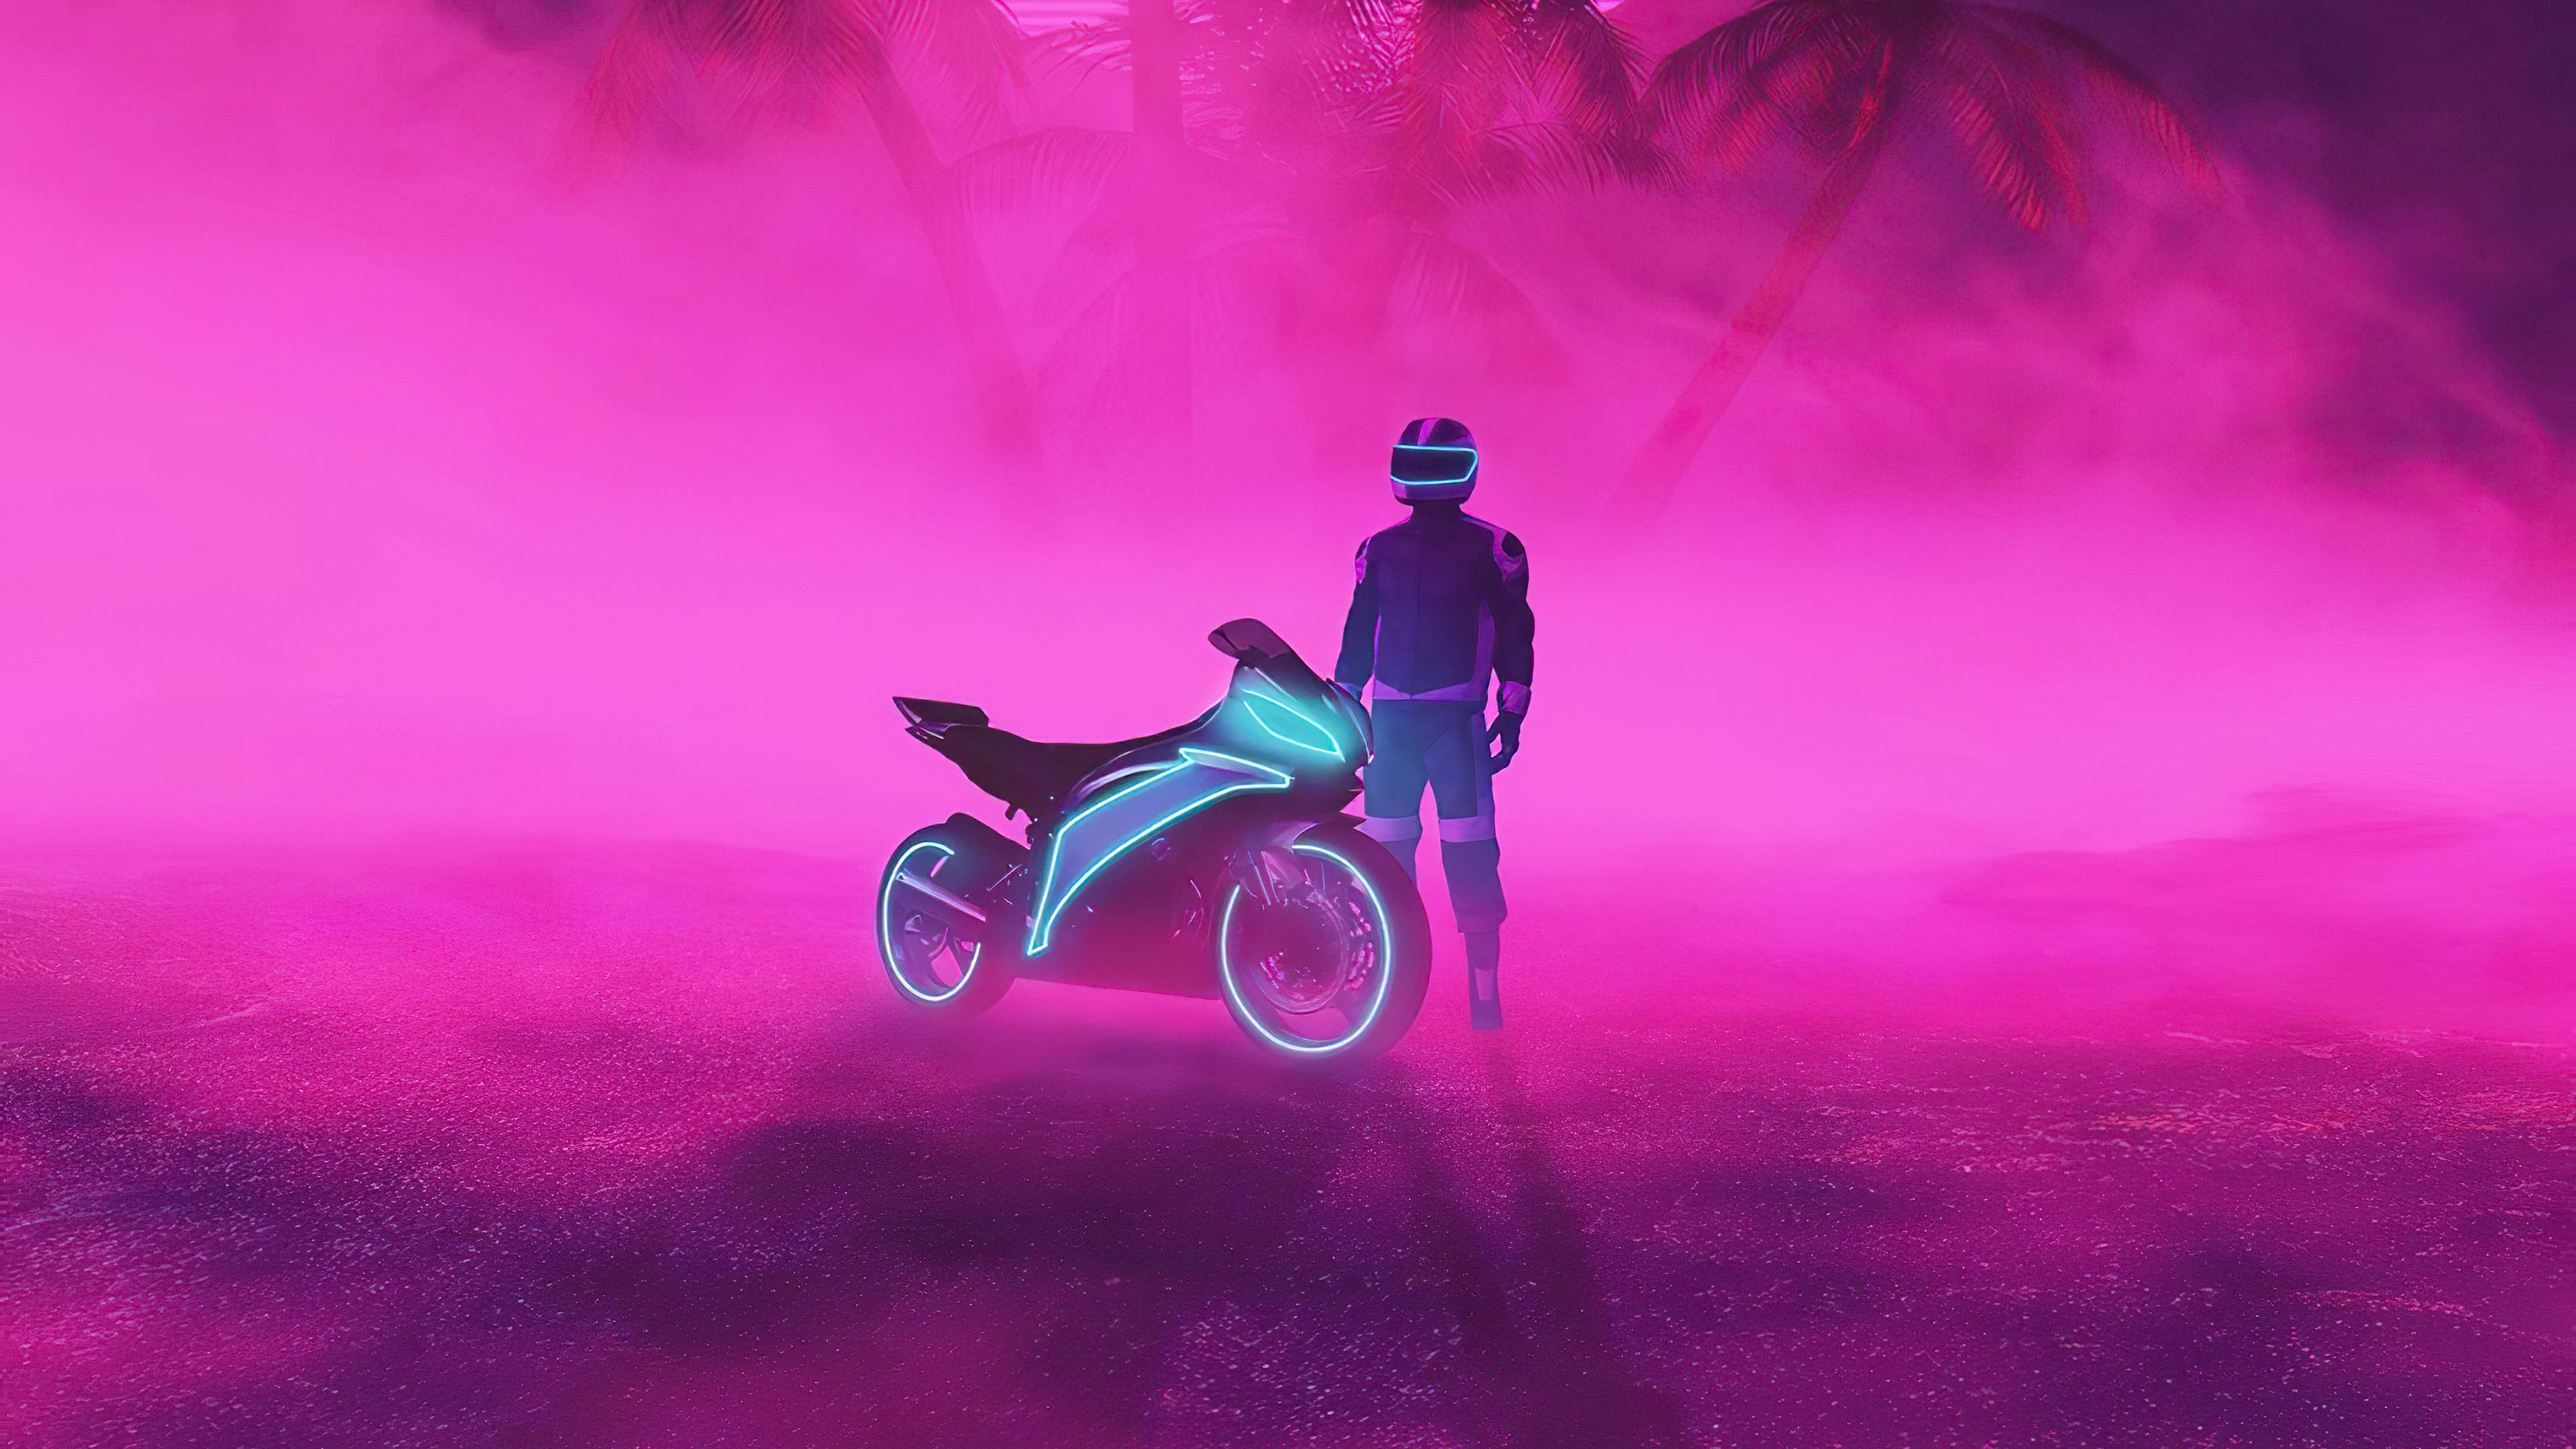 neon-biker-boy-4k-mj.jpg